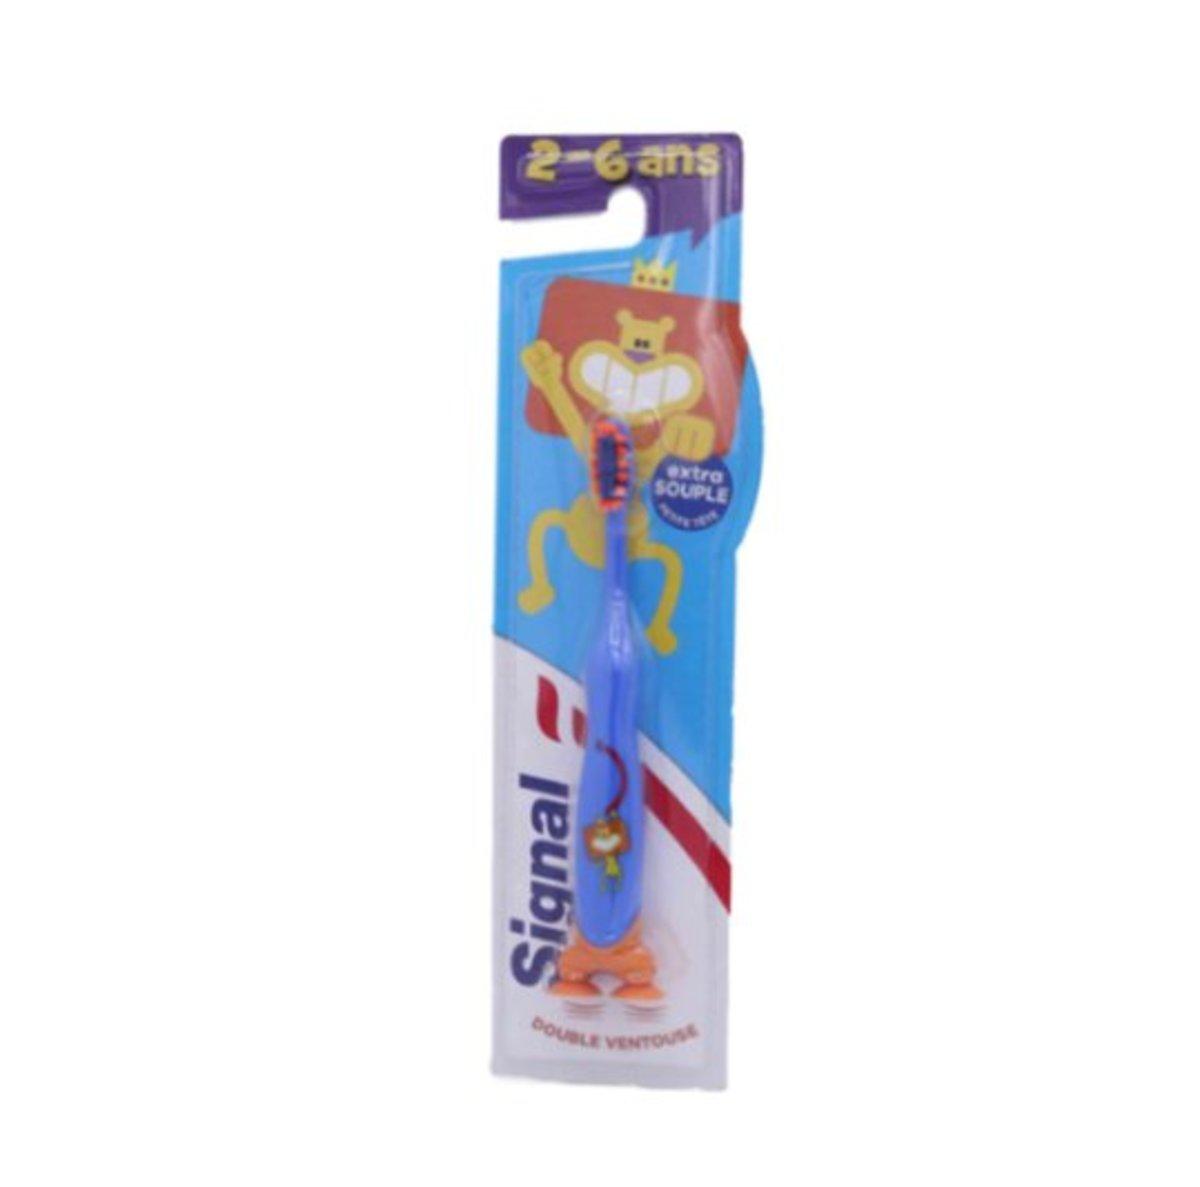 潔諾卡通童牙刷2-6歲 隨機一款